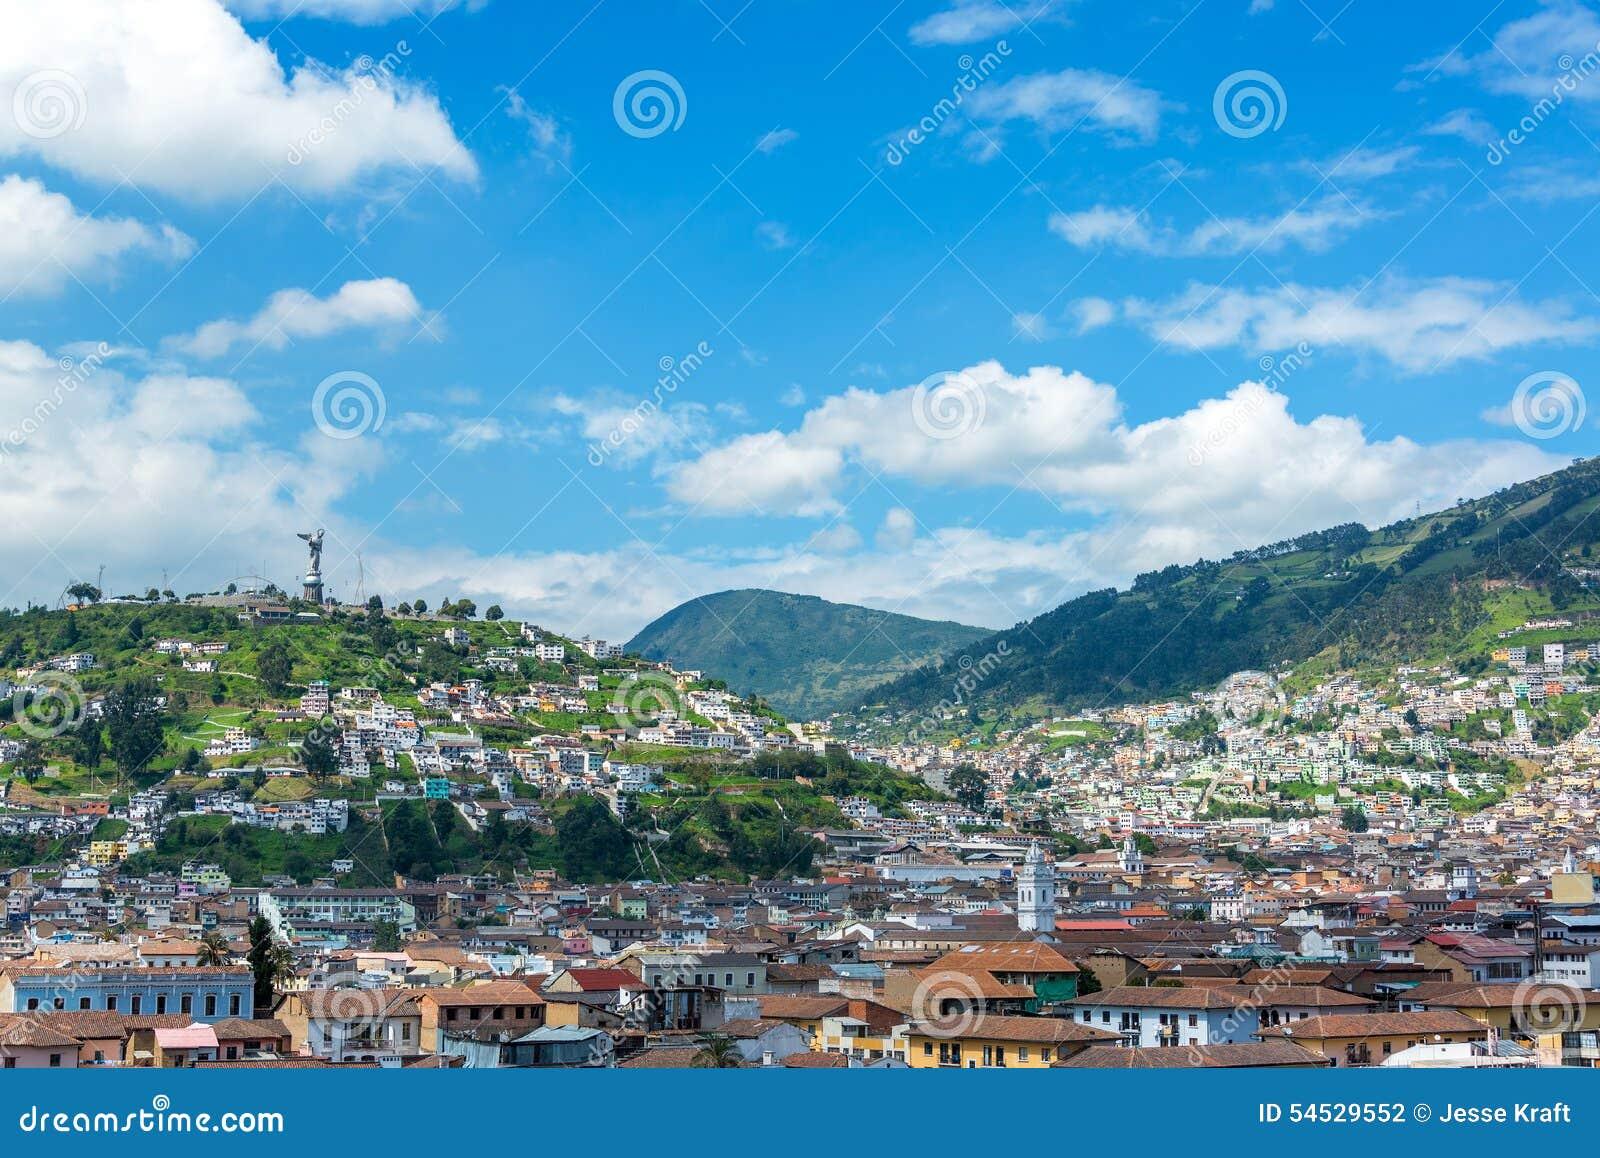 Paisaje urbano de Quito, Ecuador